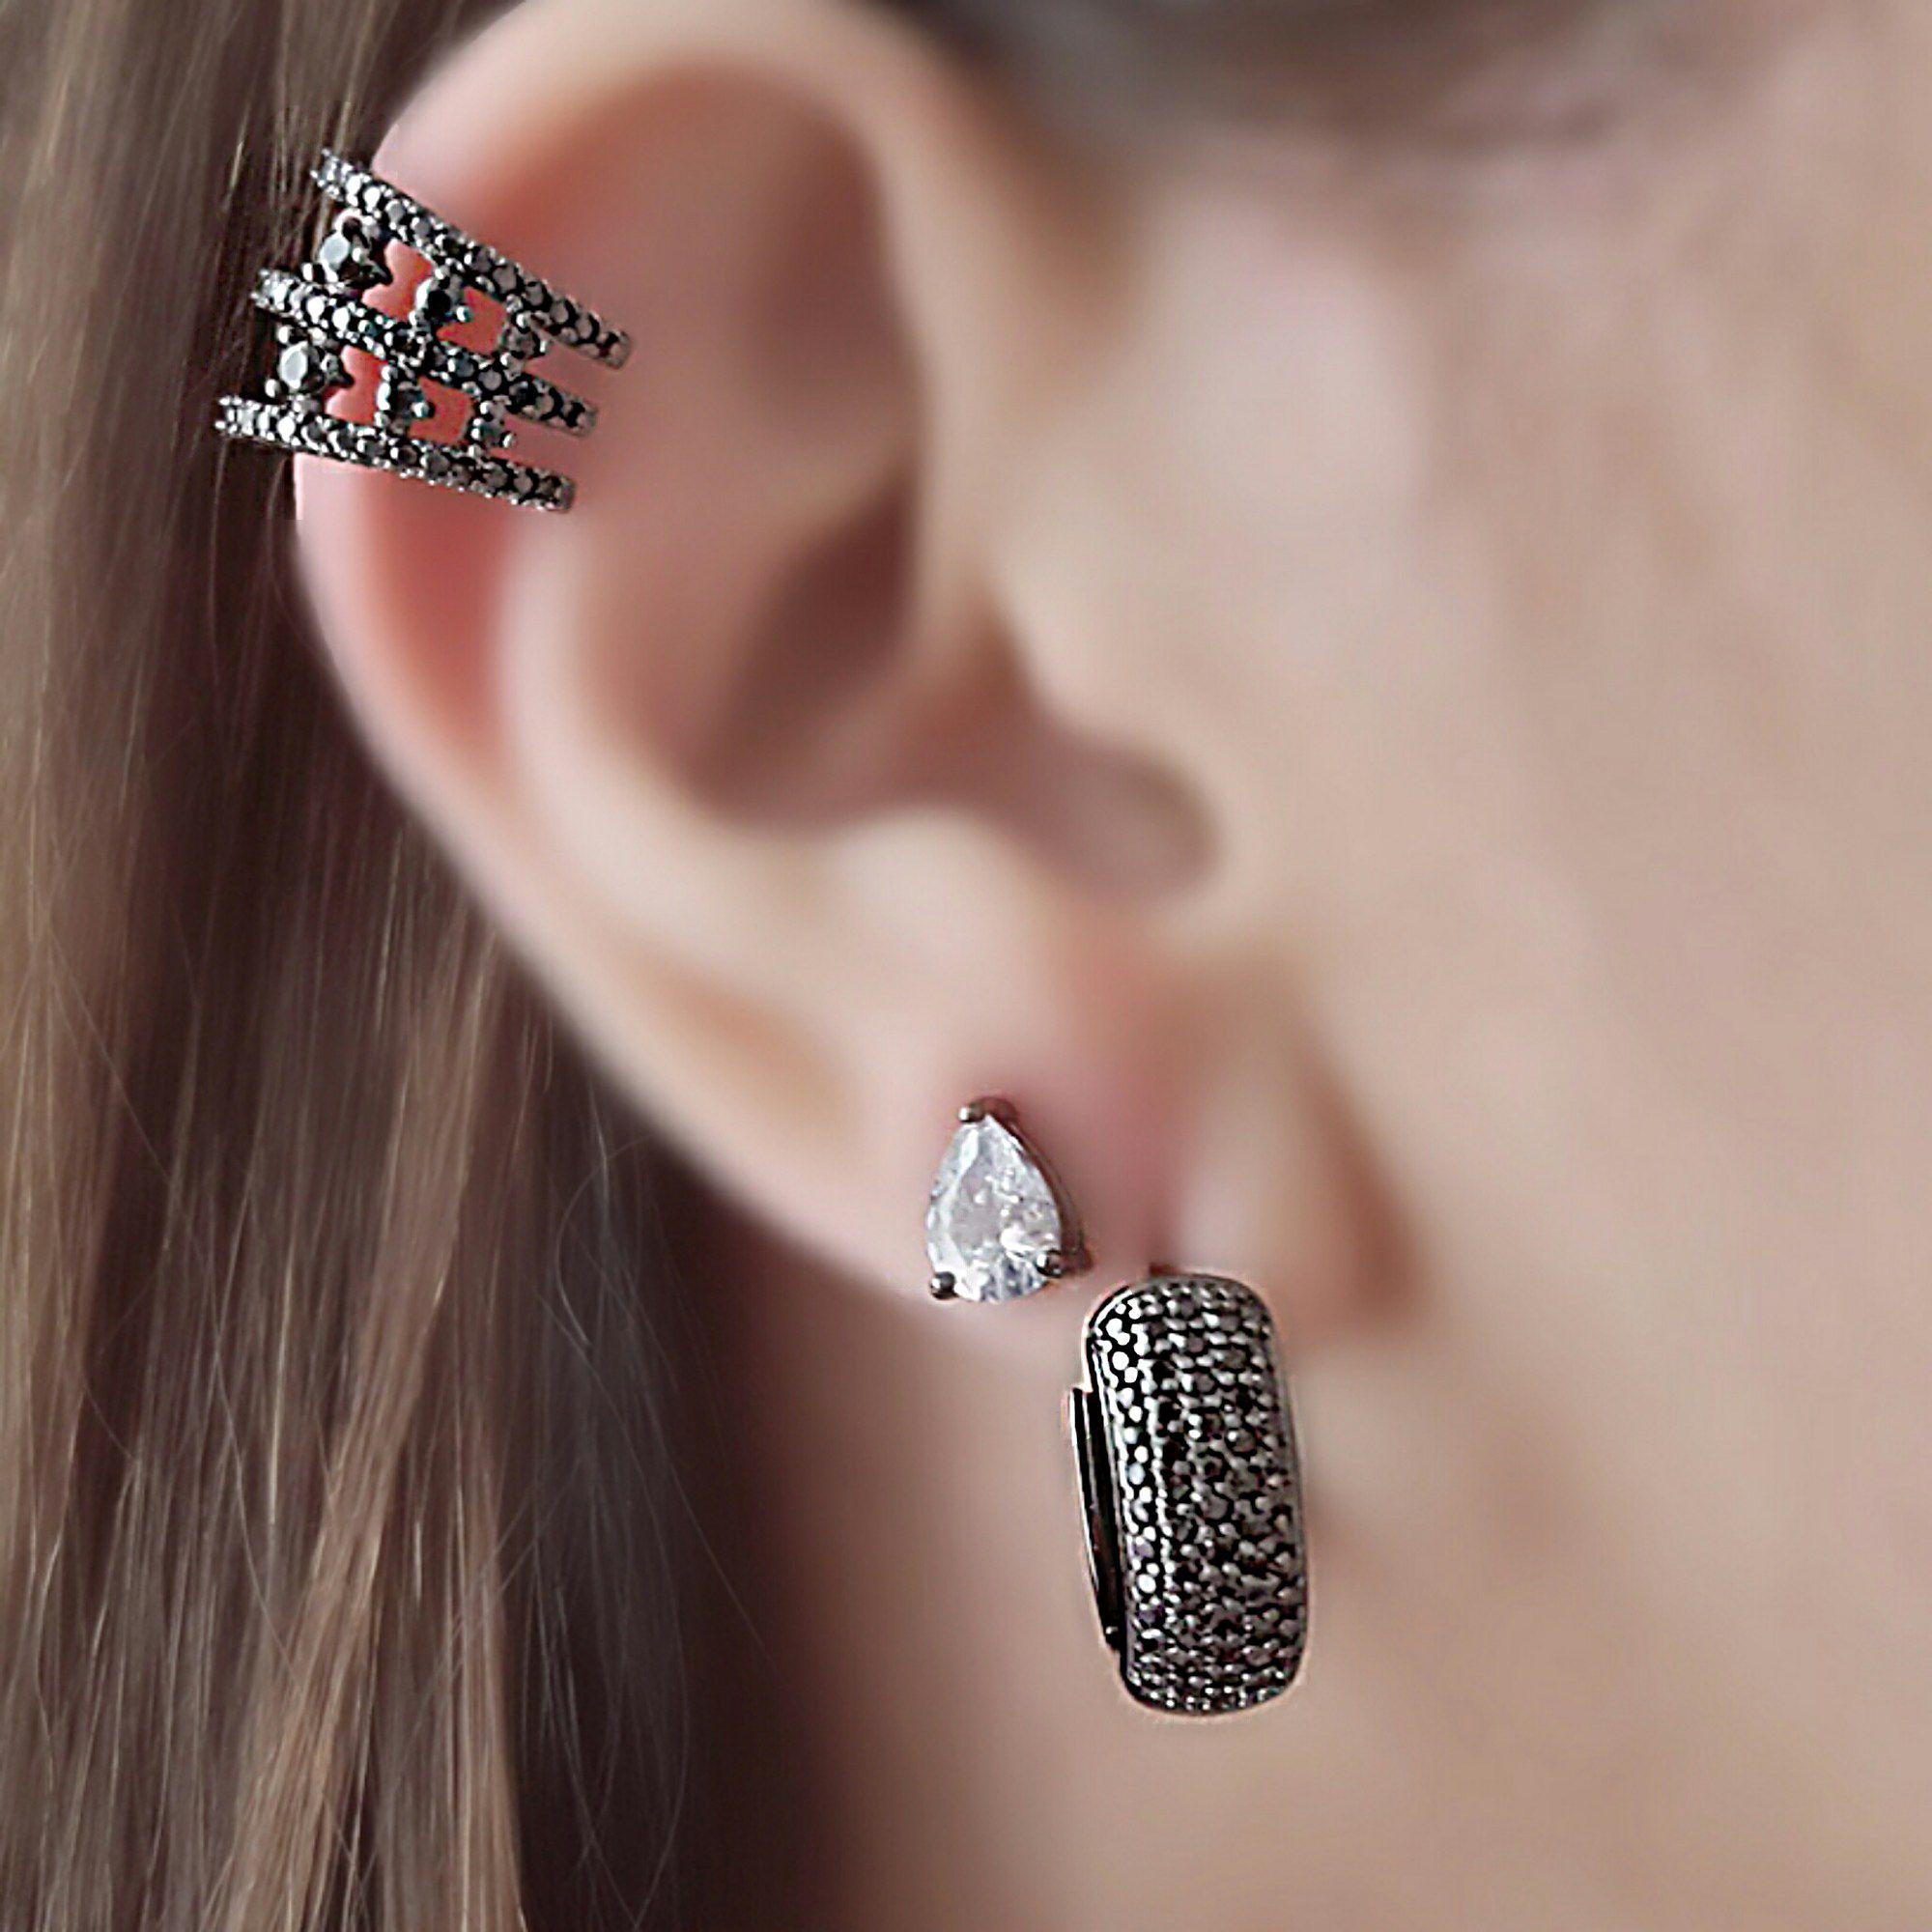 Brinco Mini Gota Zircônia Cristal Semijoia em Ródio Negro  - Soloyou